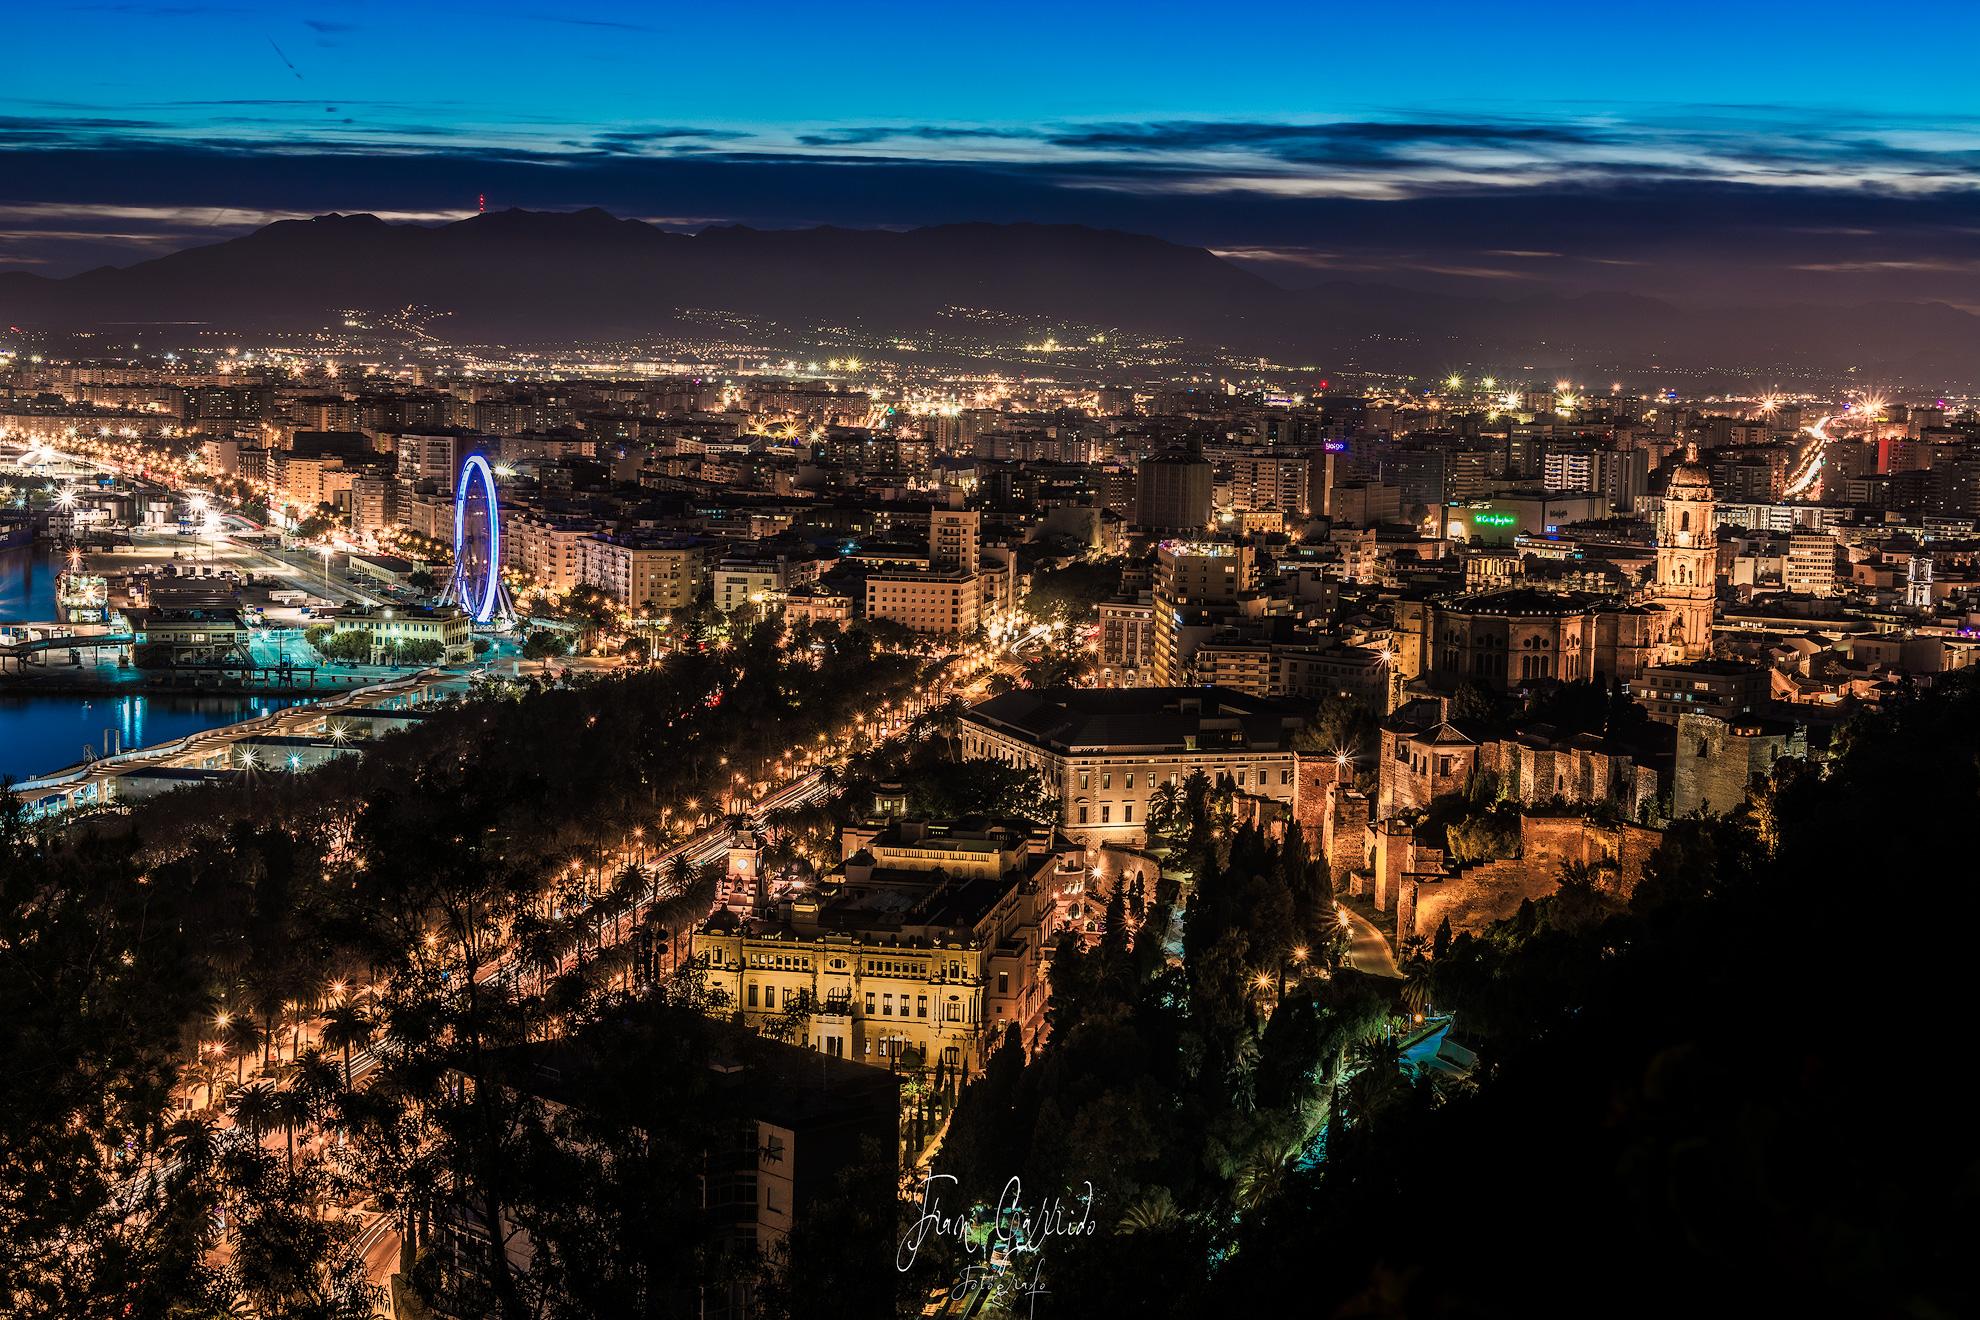 Malaga nocturna